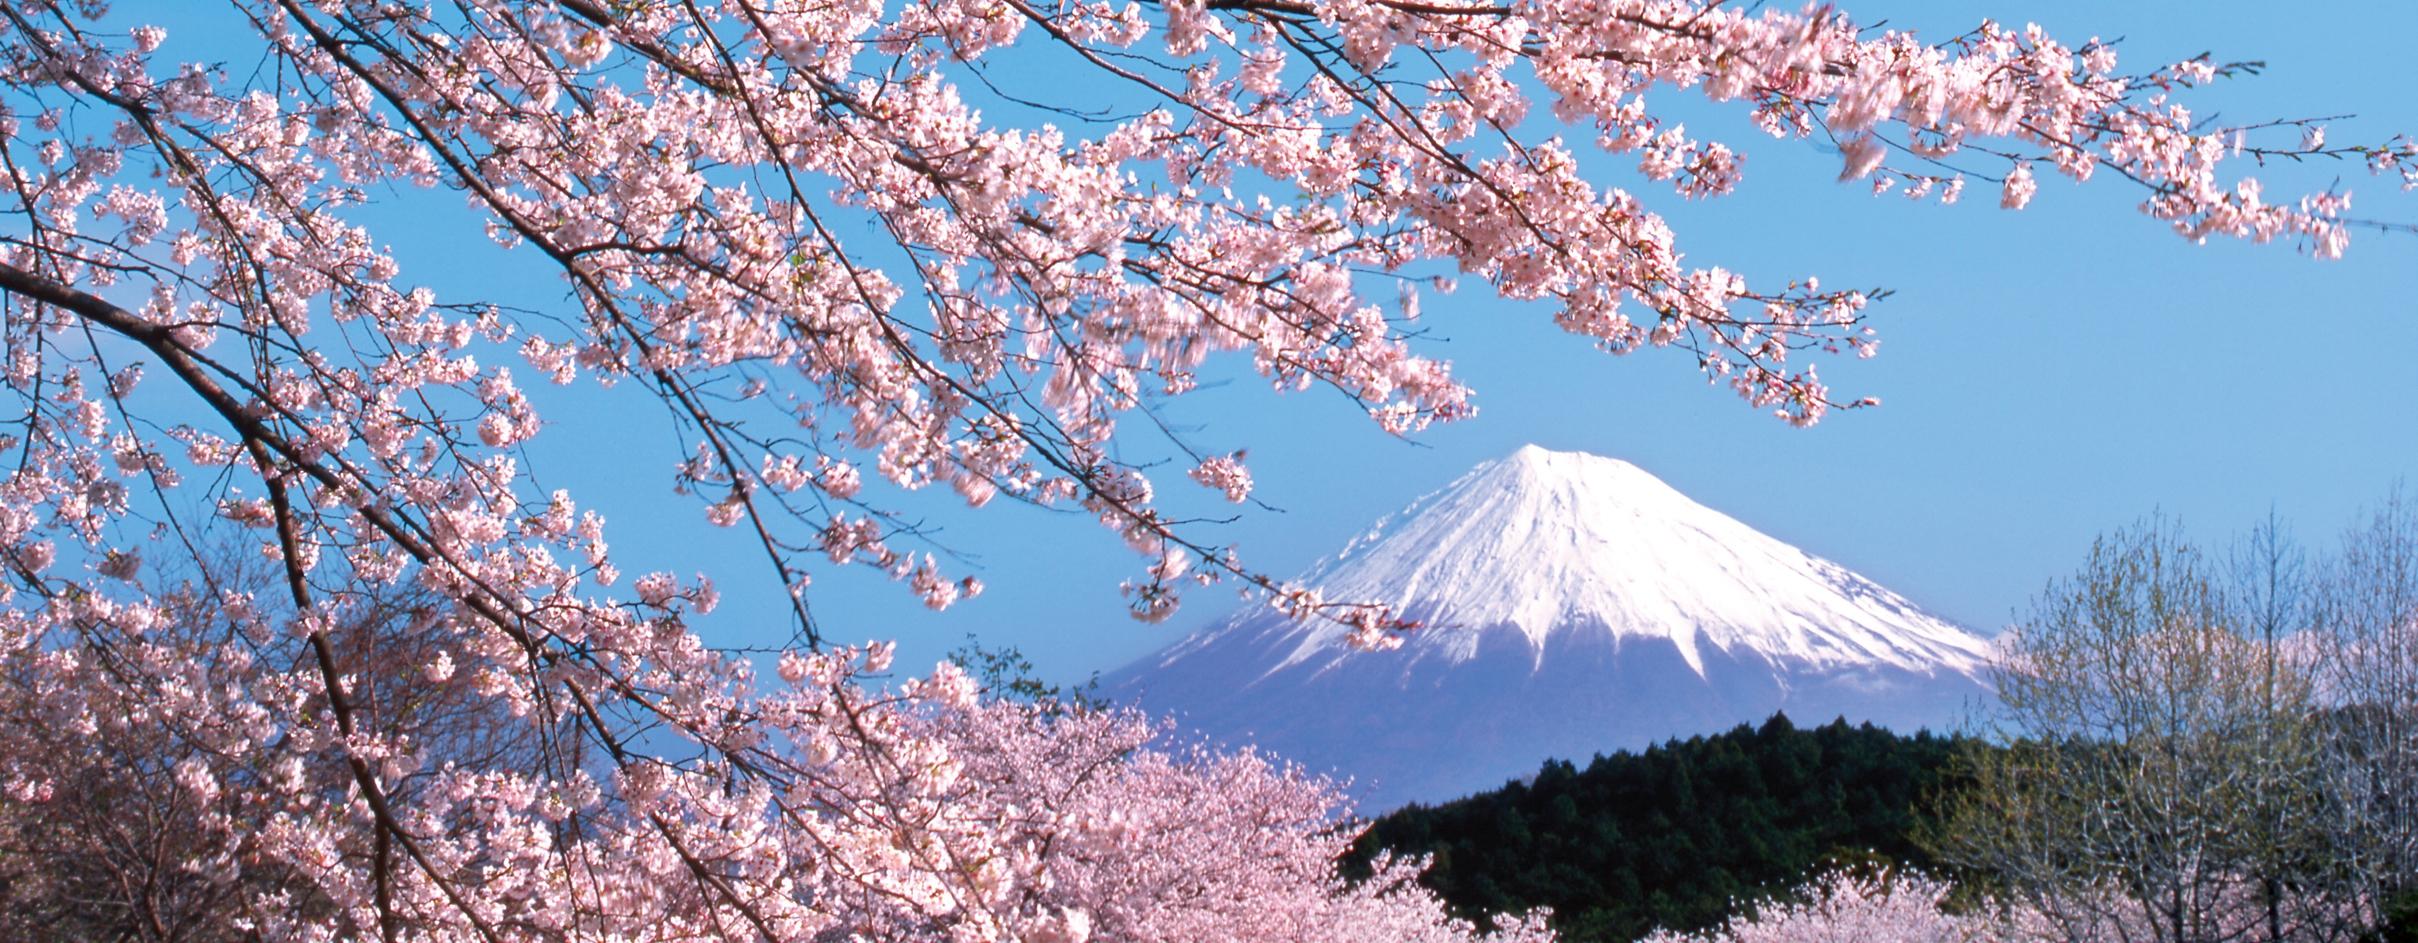 TOUR : CUNG ĐƯỜNG VÀNG OSAKA – NAGOYA – KYOTO – KOBE – TOKYO